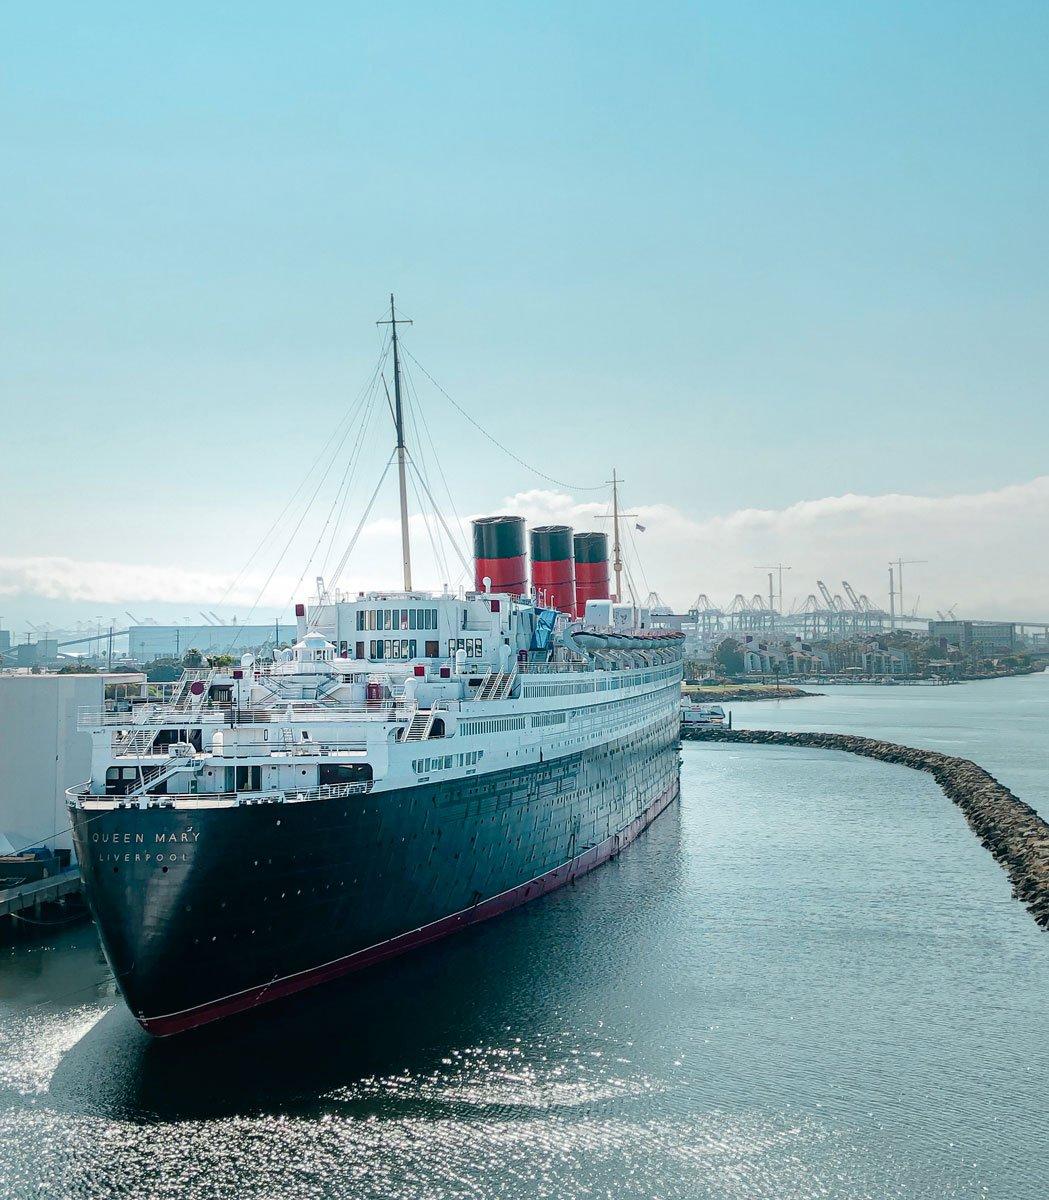 Queen Mary ship at Long Beach, California